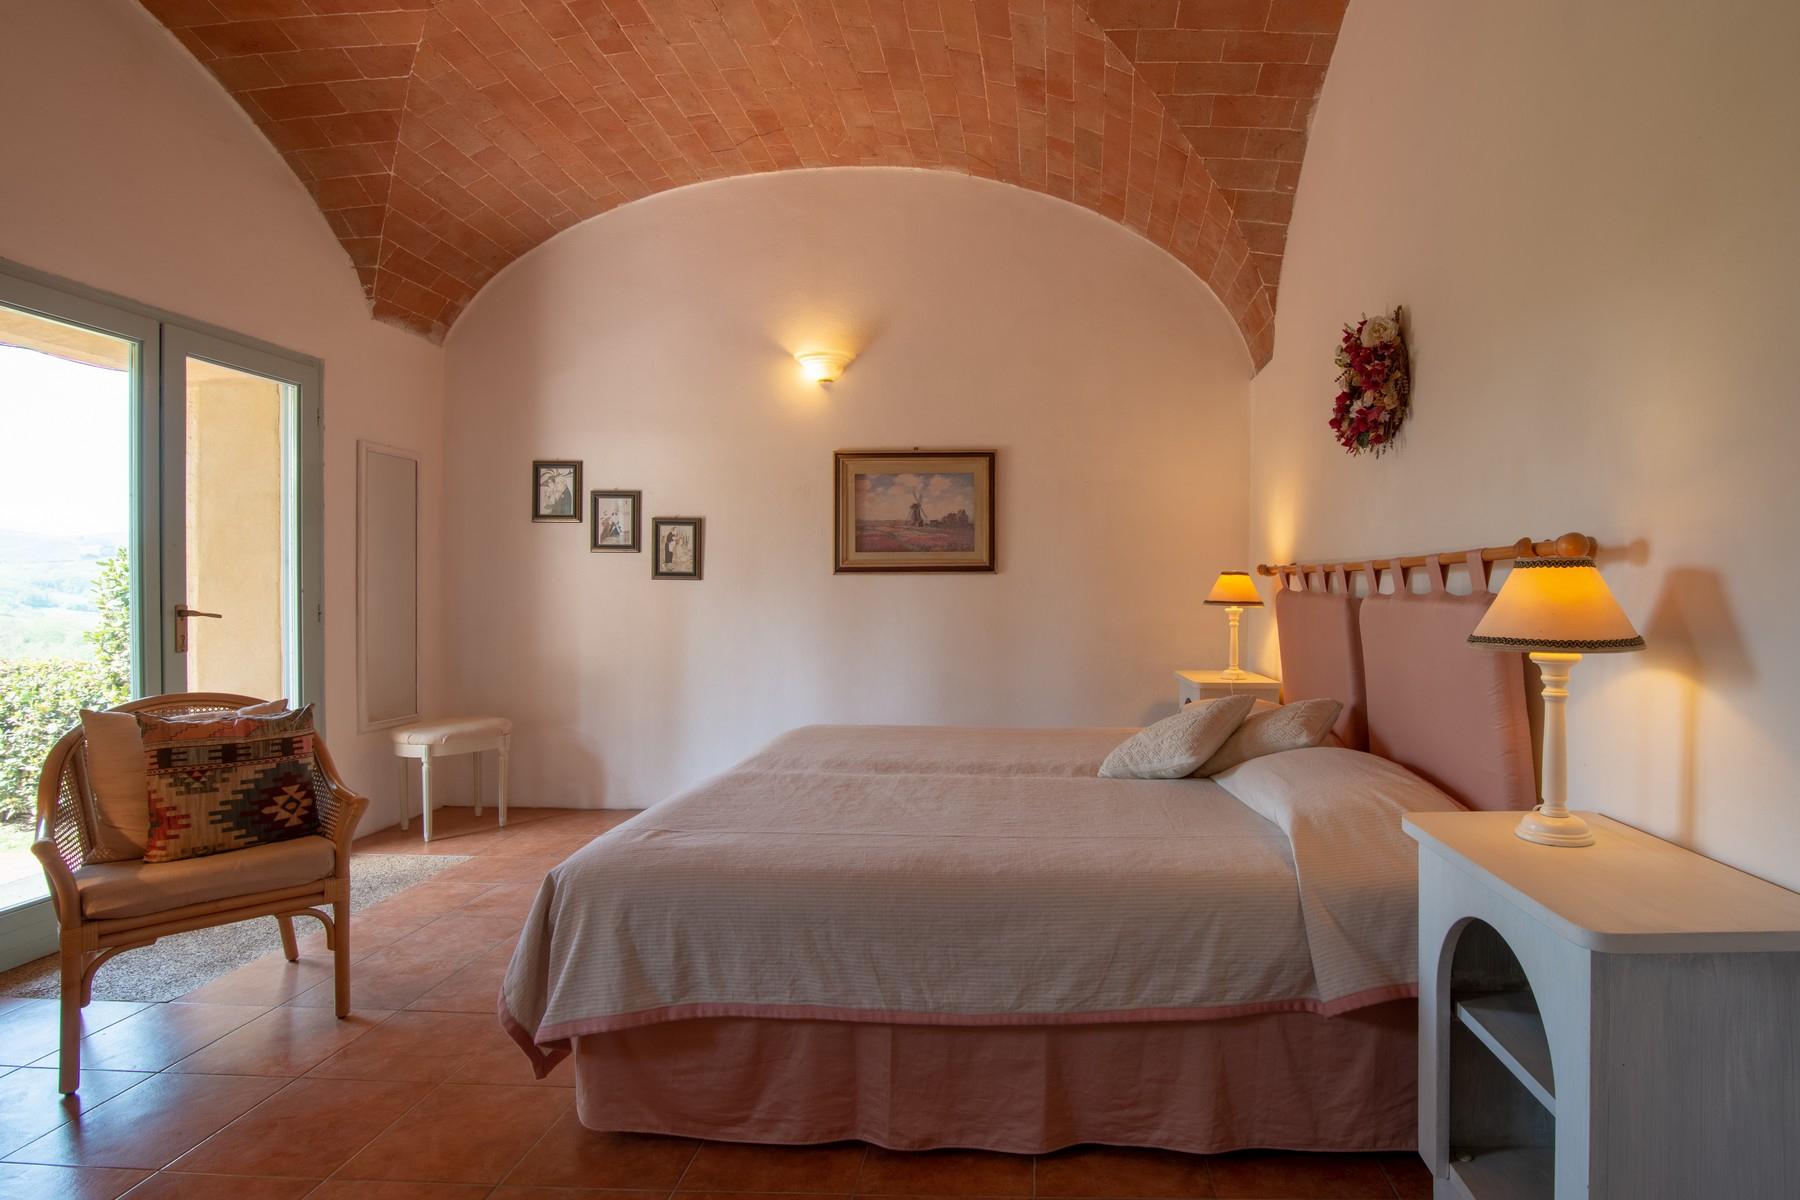 Rustico in Vendita a San Gimignano: 5 locali, 615 mq - Foto 9